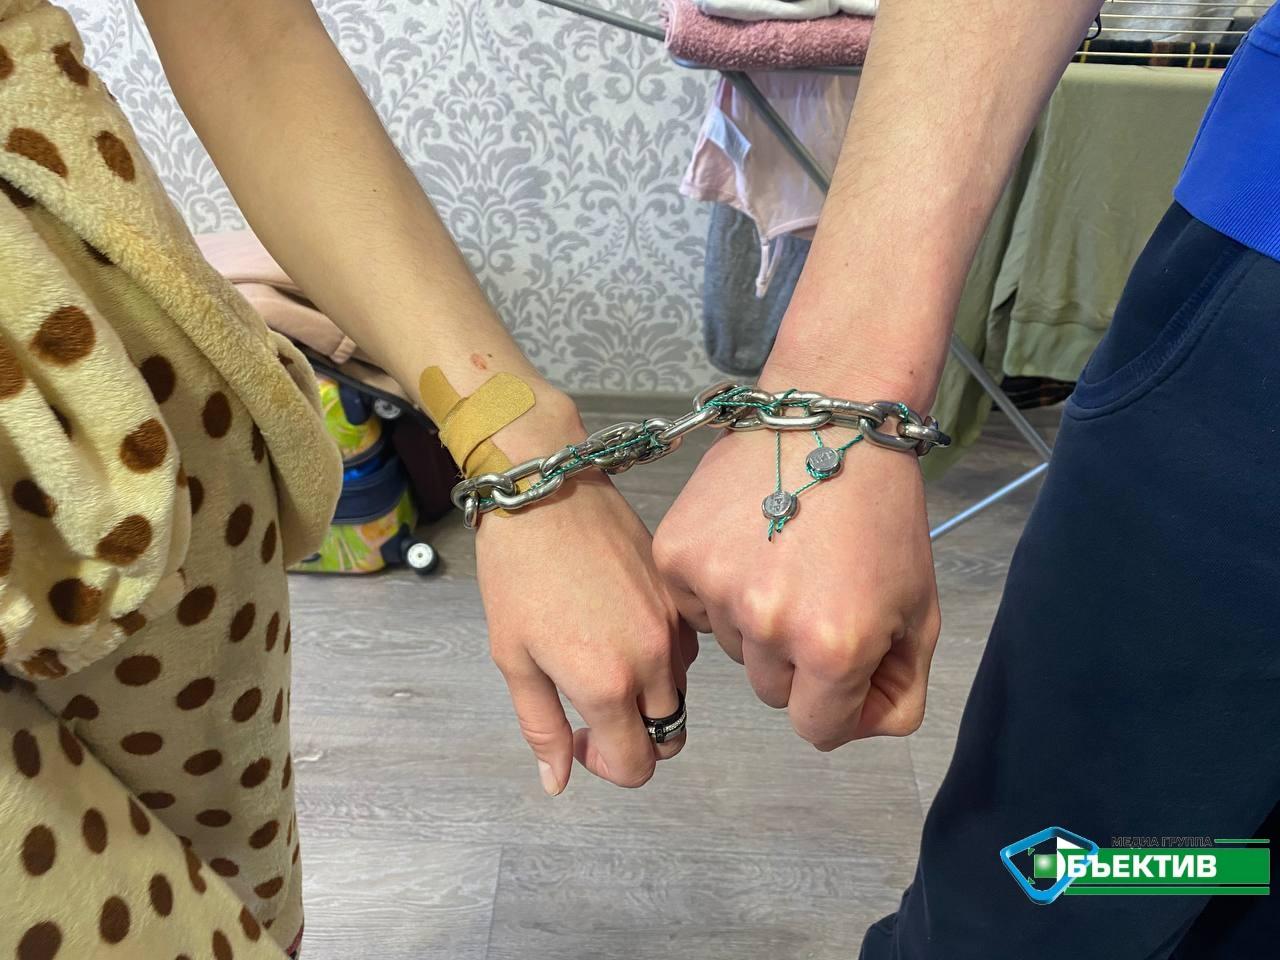 Скованные цепью влюбленные из Харькова рассказали, как переодеваются, водят авто и ходят в туалет (фото, видео)